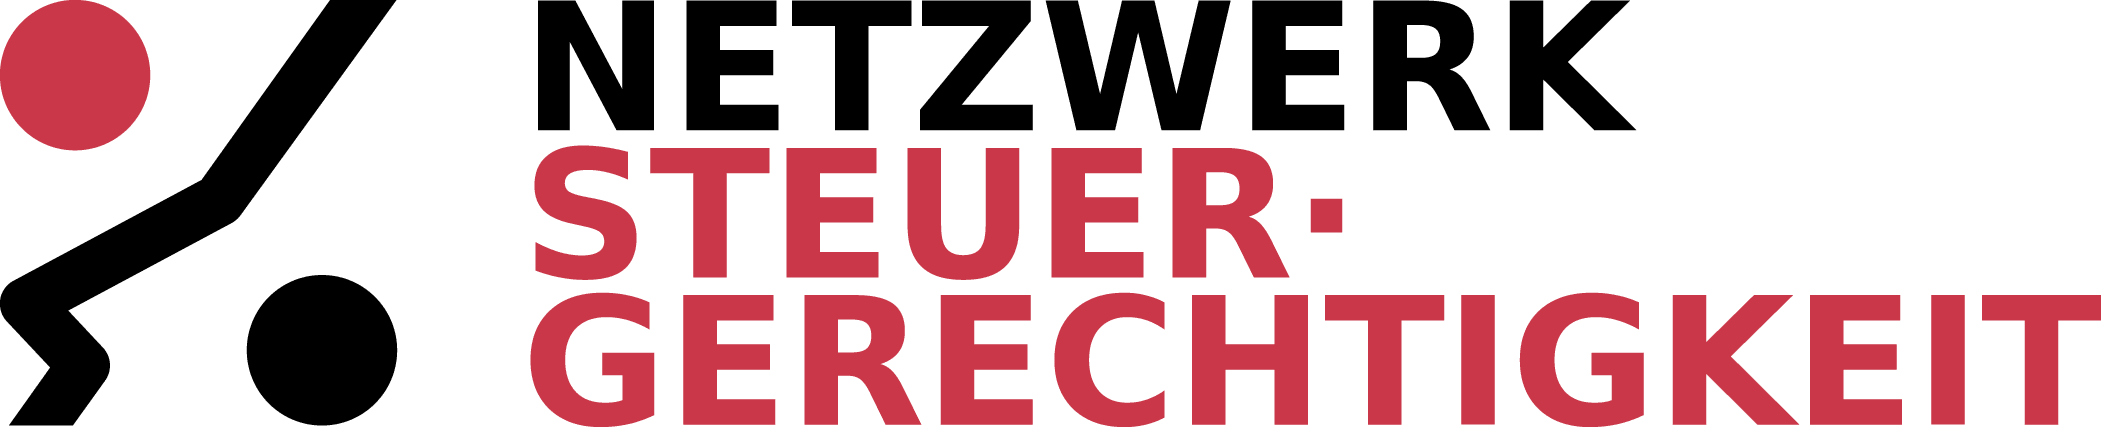 Netzwerk Steuergerechtigkeit-logo